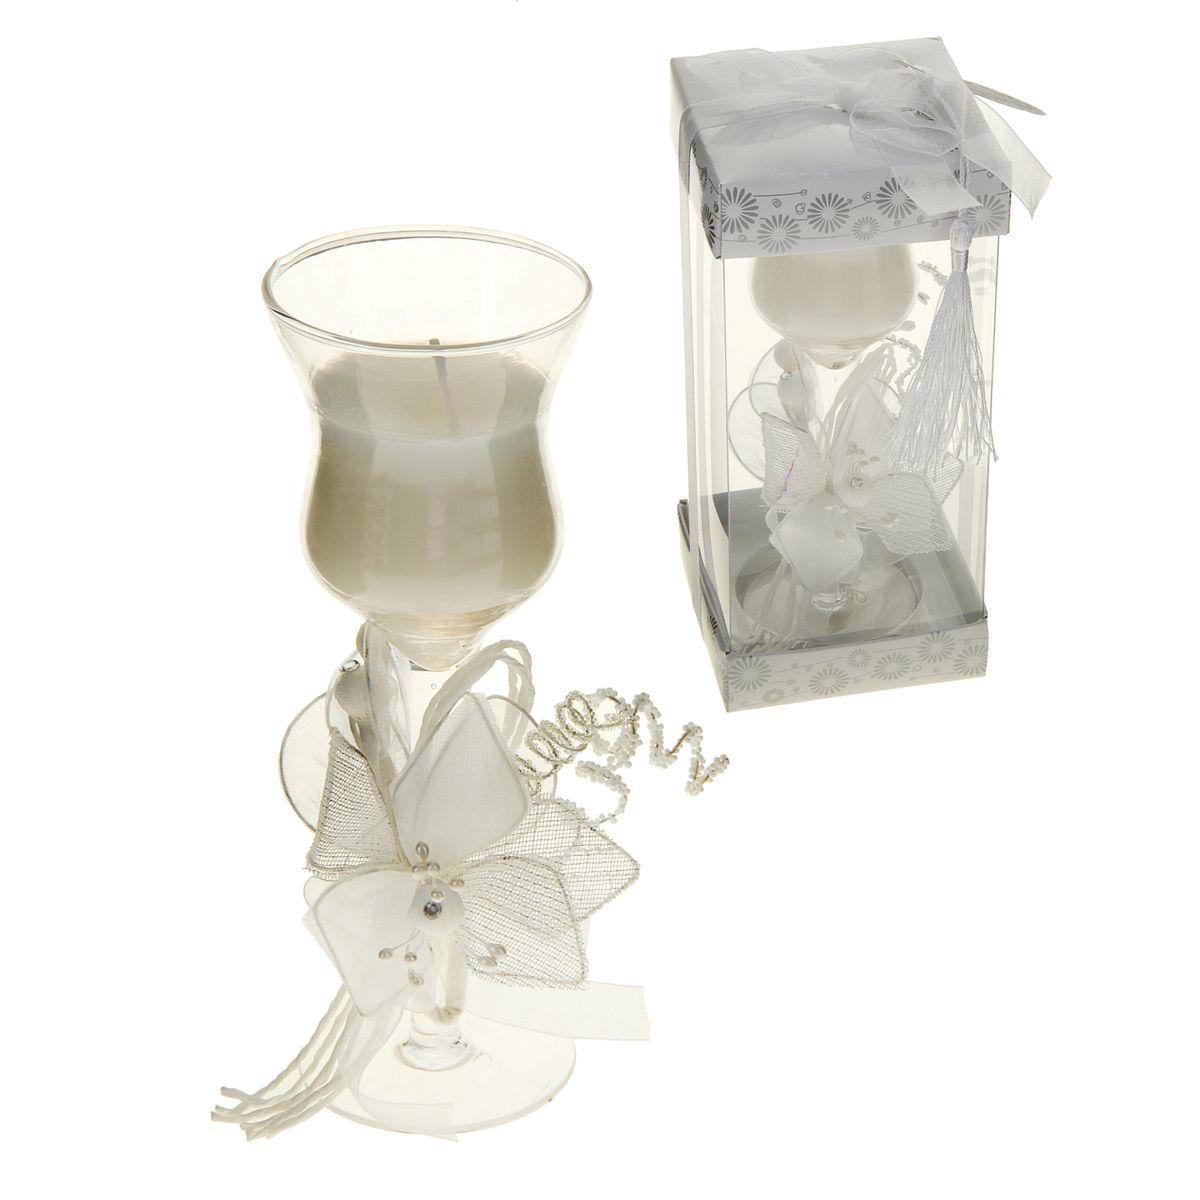 Свеча декоративная Sima-land Цветок искренности, цвет: белый, высота 17,5 см846523Свеча Sima-land Цветок искренности изготовлена из воска и поставляется в подсвечнике в виде красивого фужера, оформленного текстильным бантом и декоративными элементами. Такая свеча может стать отличным подарком или дополнить интерьер вашей комнаты.